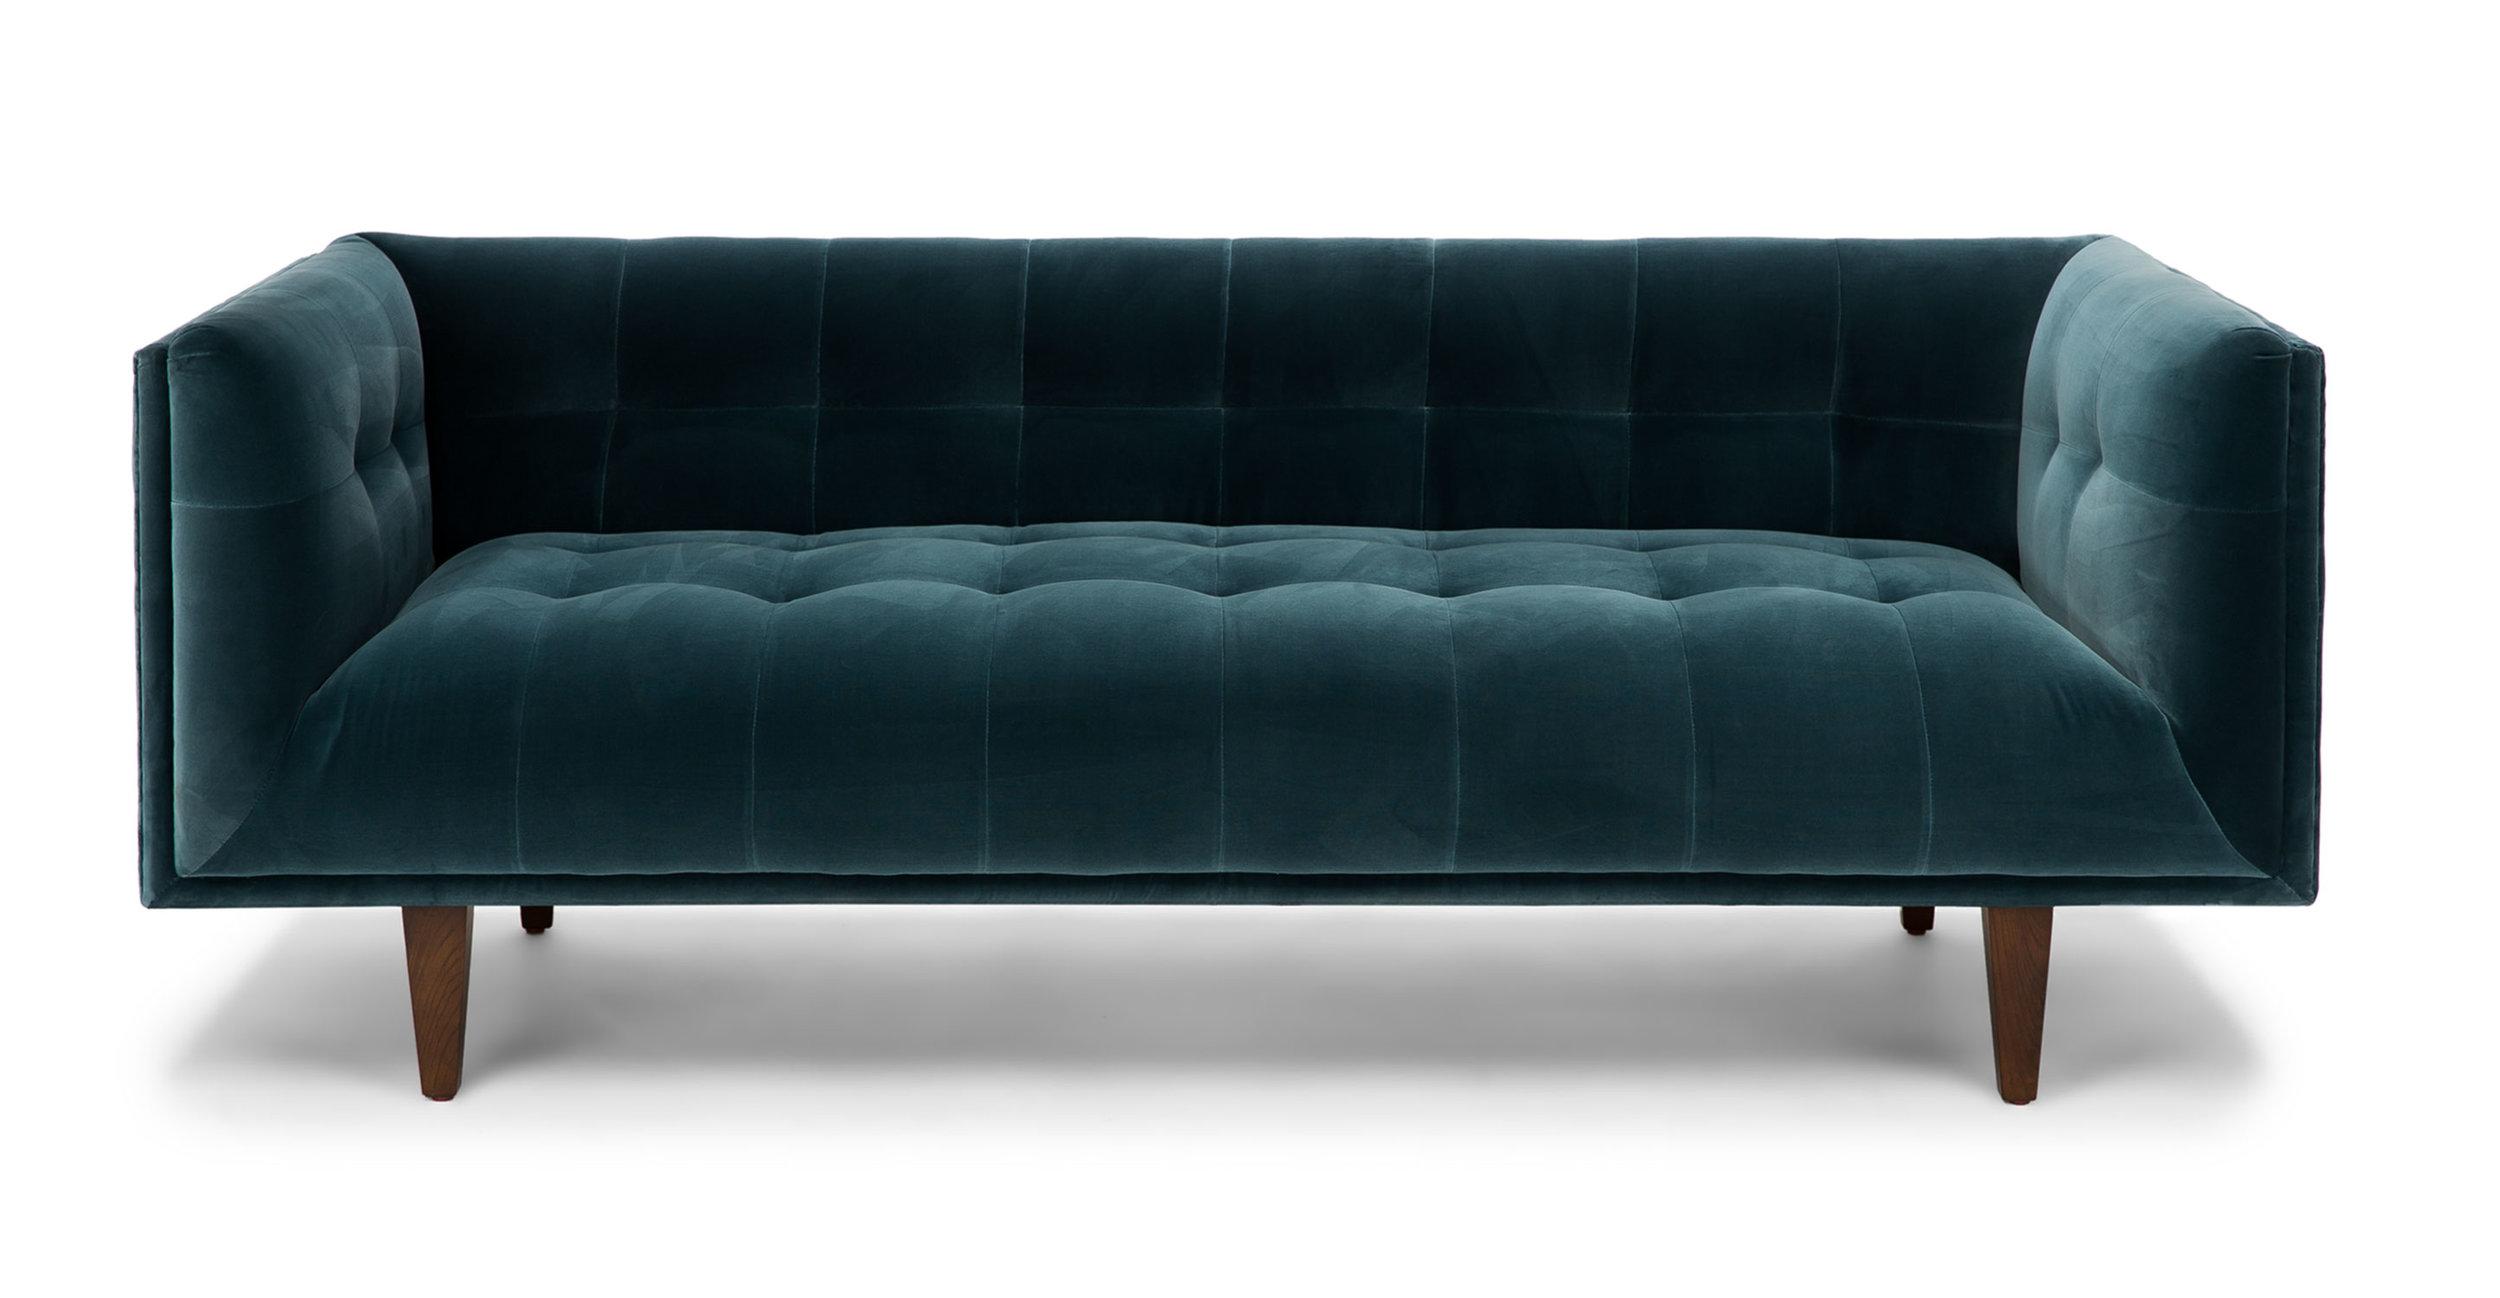 Article - Cirrus Sofa - $999